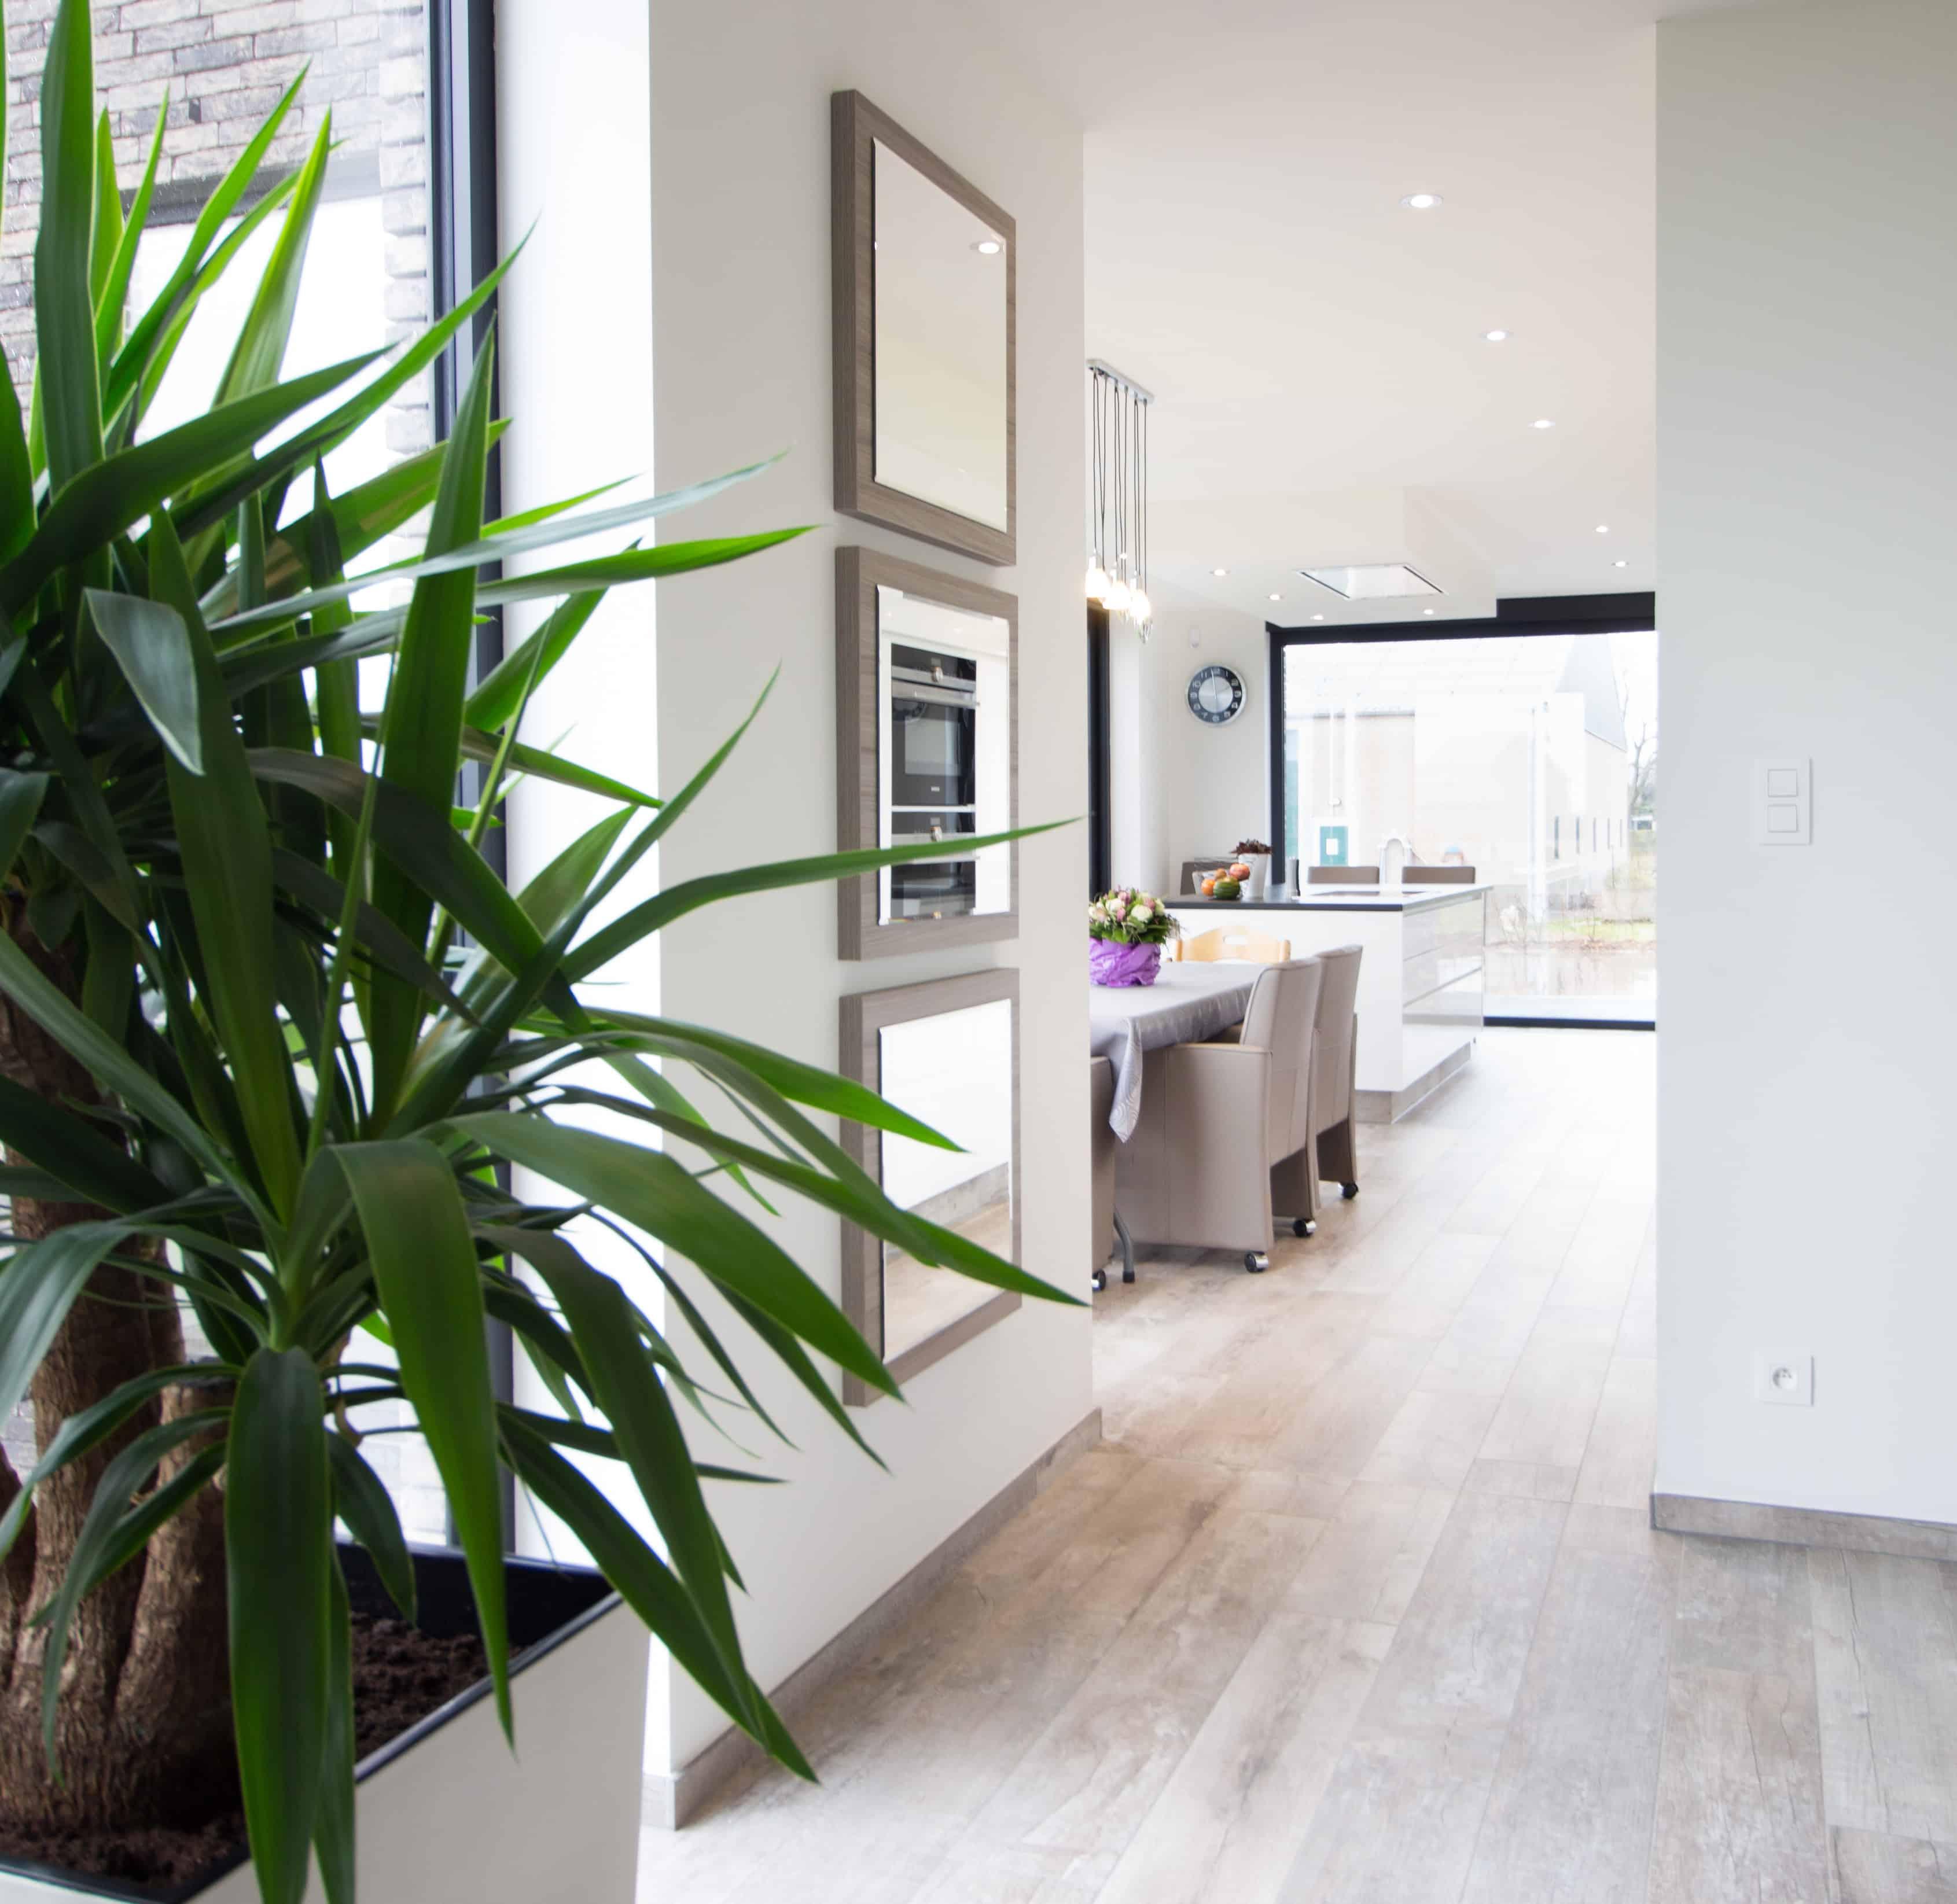 Keuken zichtbaar vanuit de living